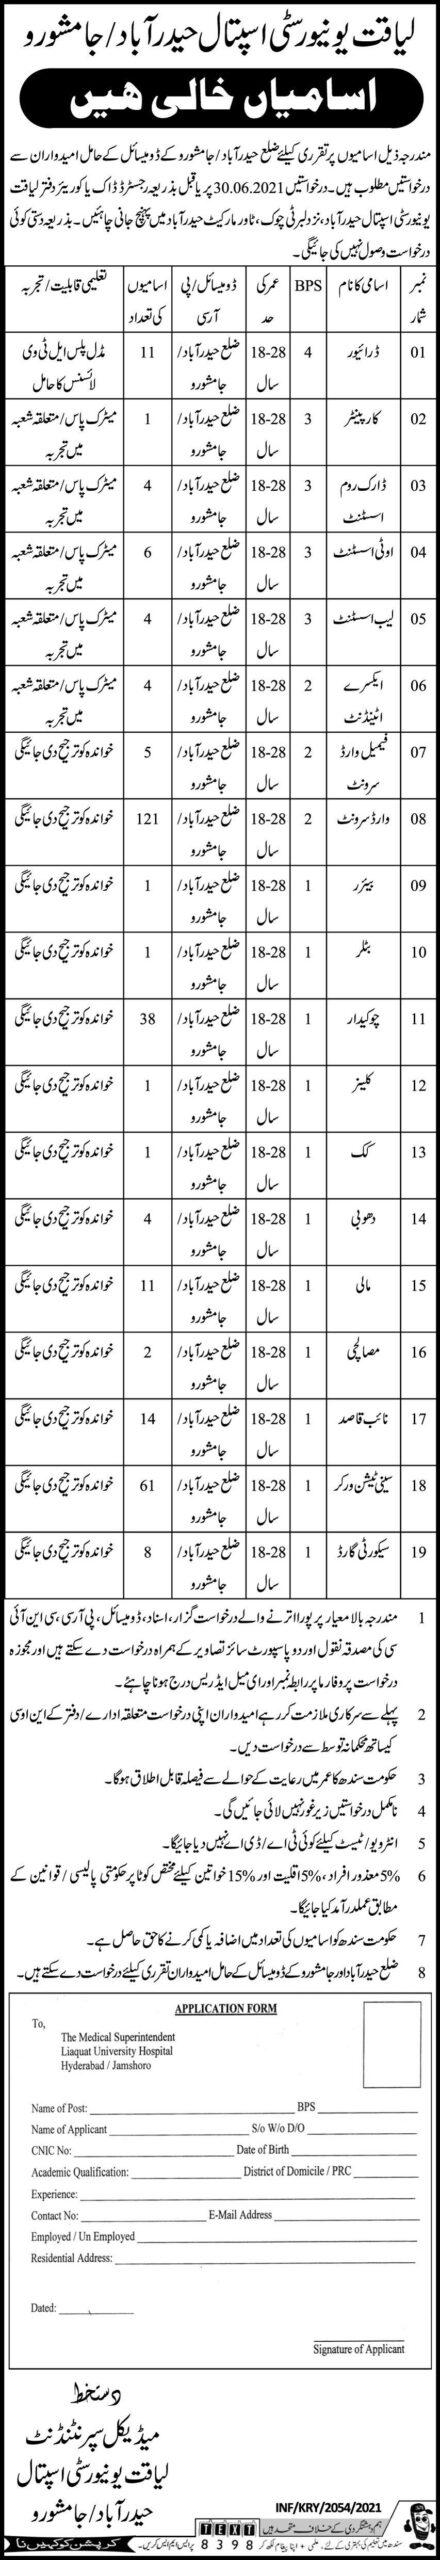 Liaquat University Hospital Hyderabad Jobs 2021 (300 Posts)